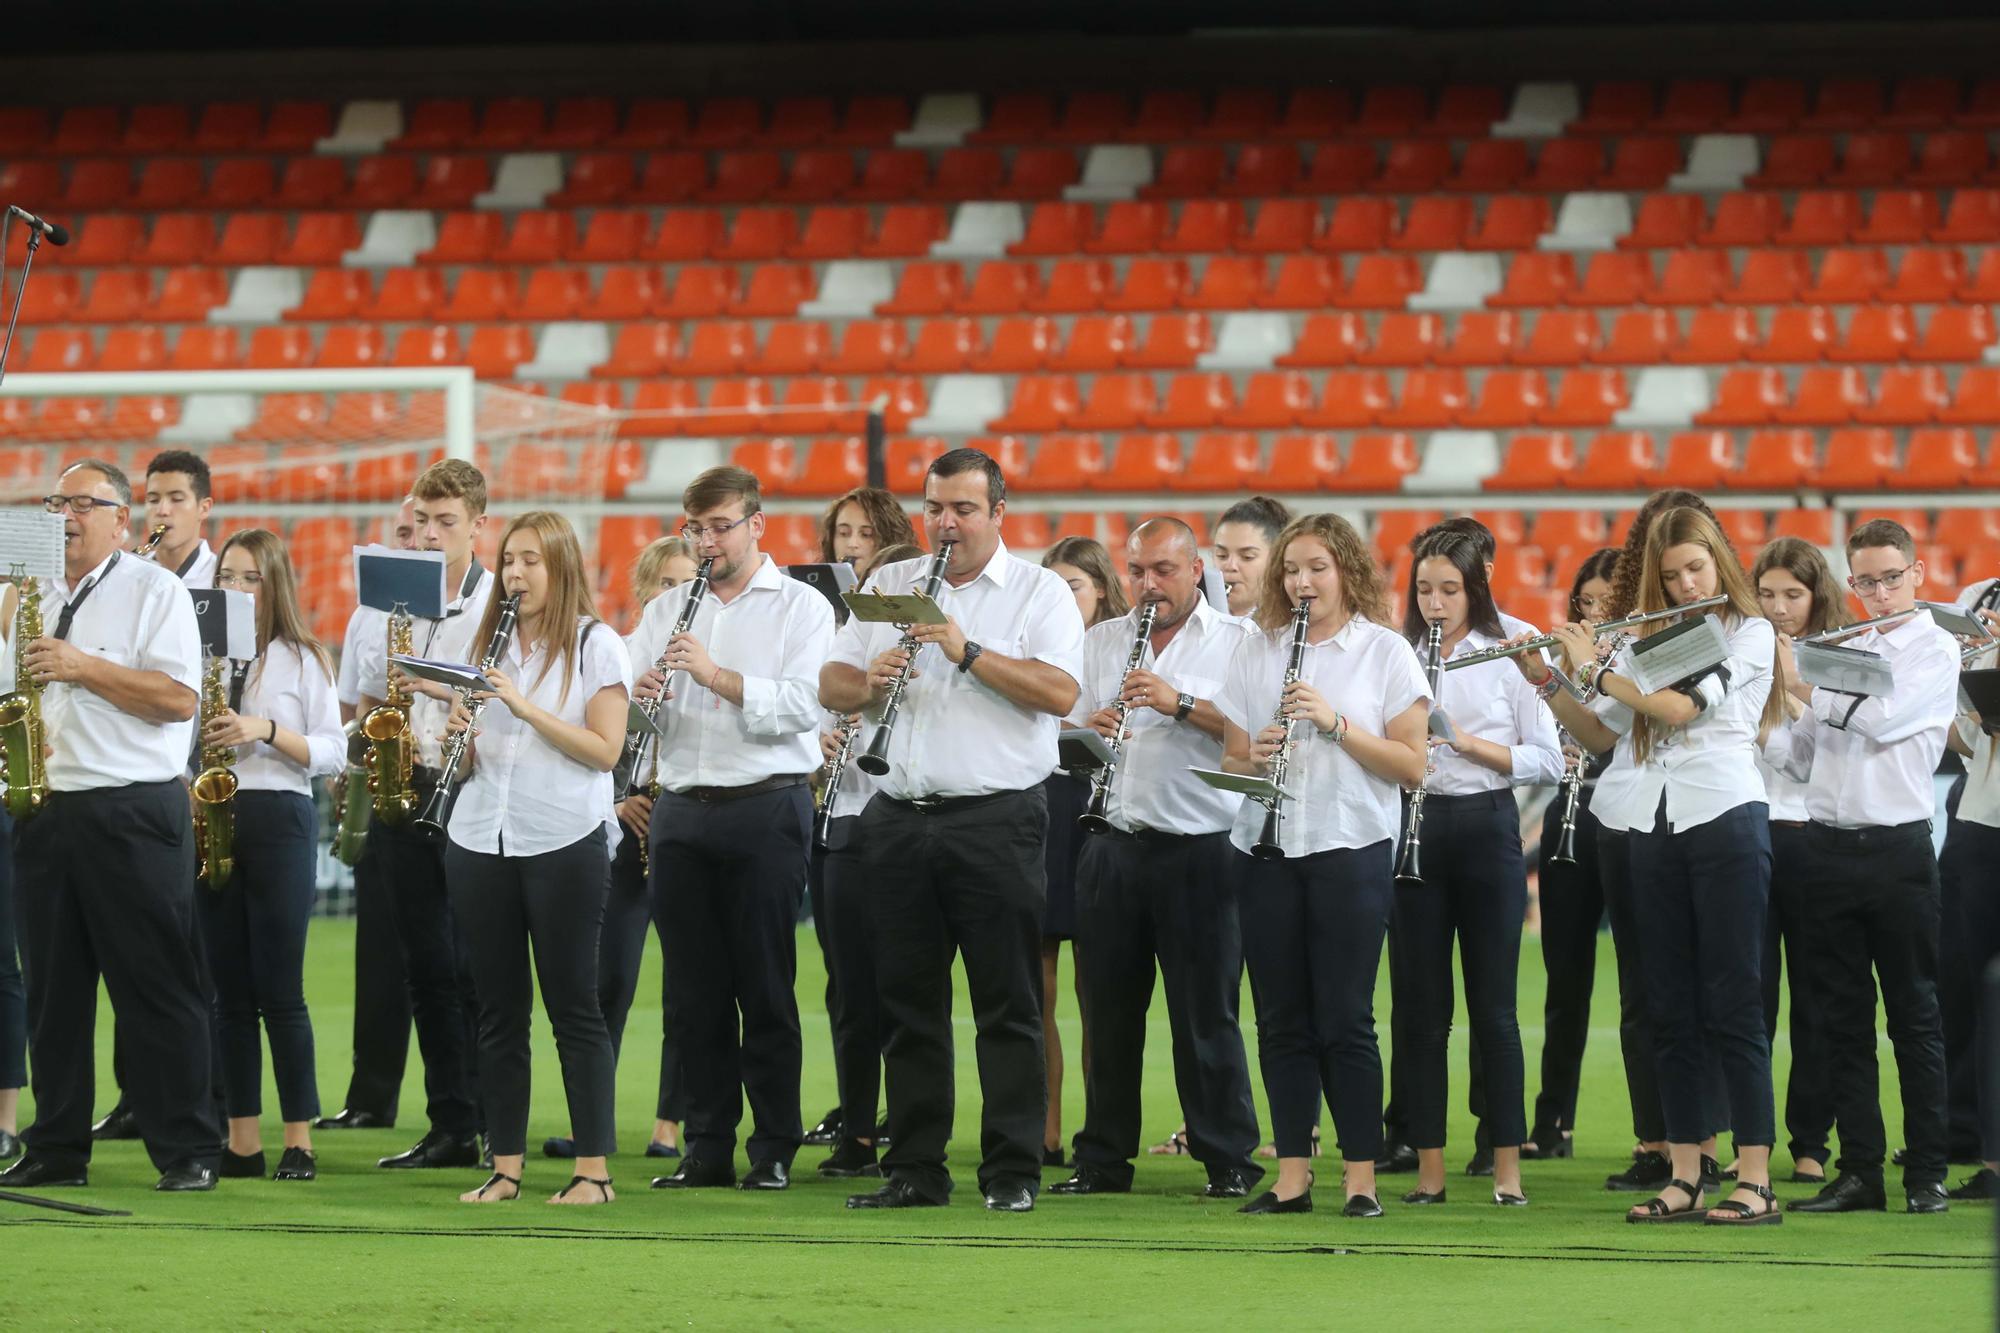 La Sociedad Musical de Llosa de Ranes en Mestalla